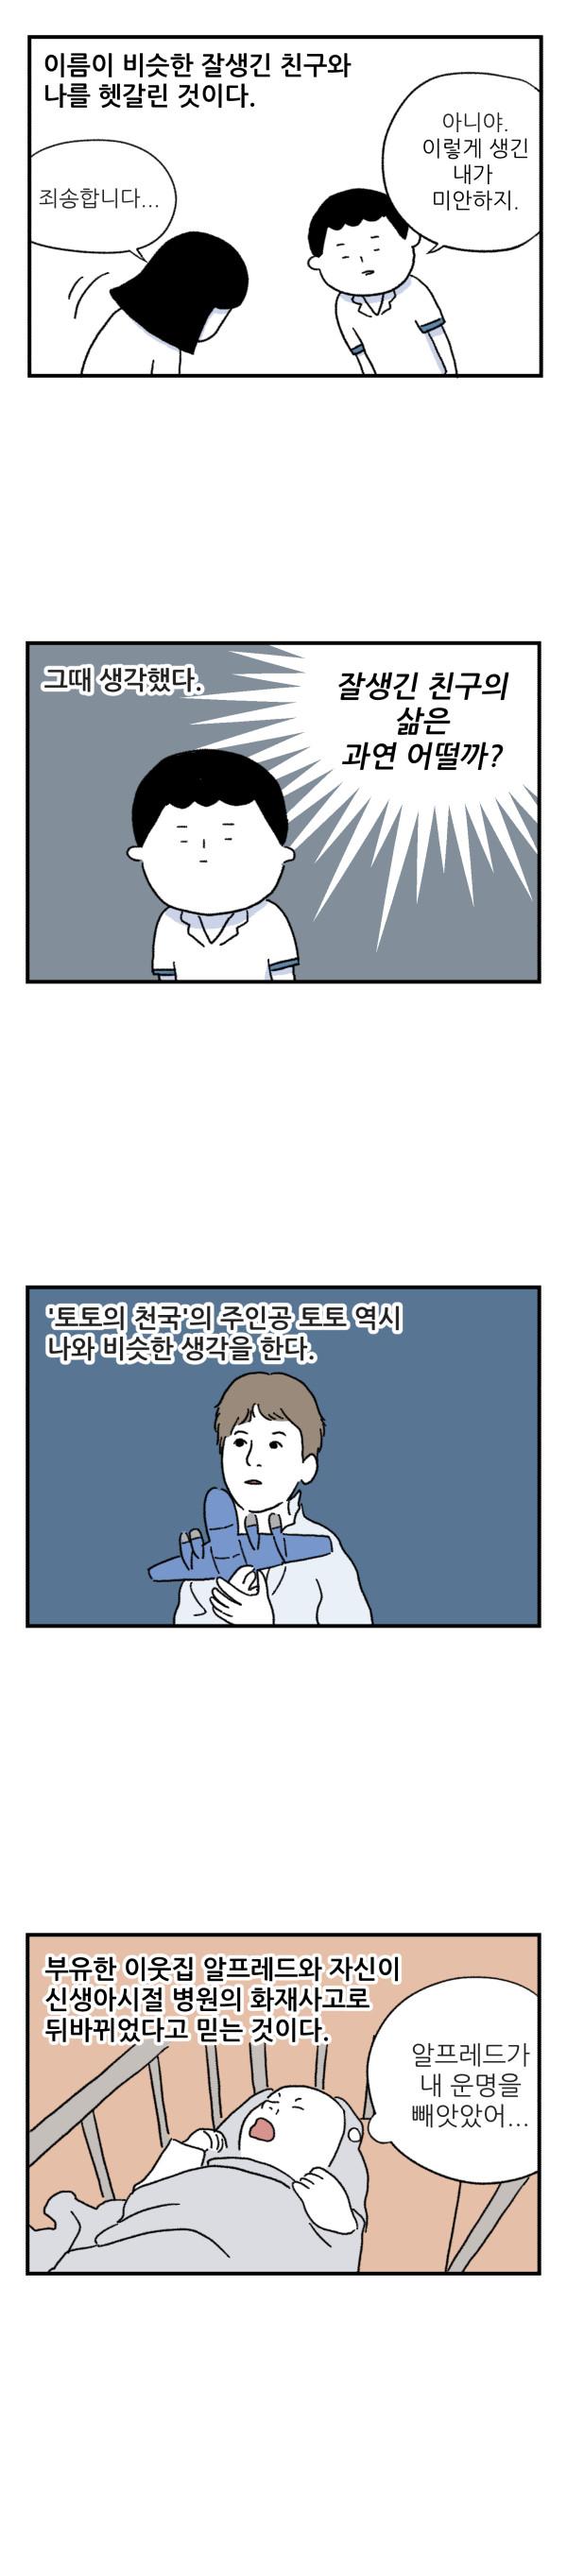 600_003.jpg